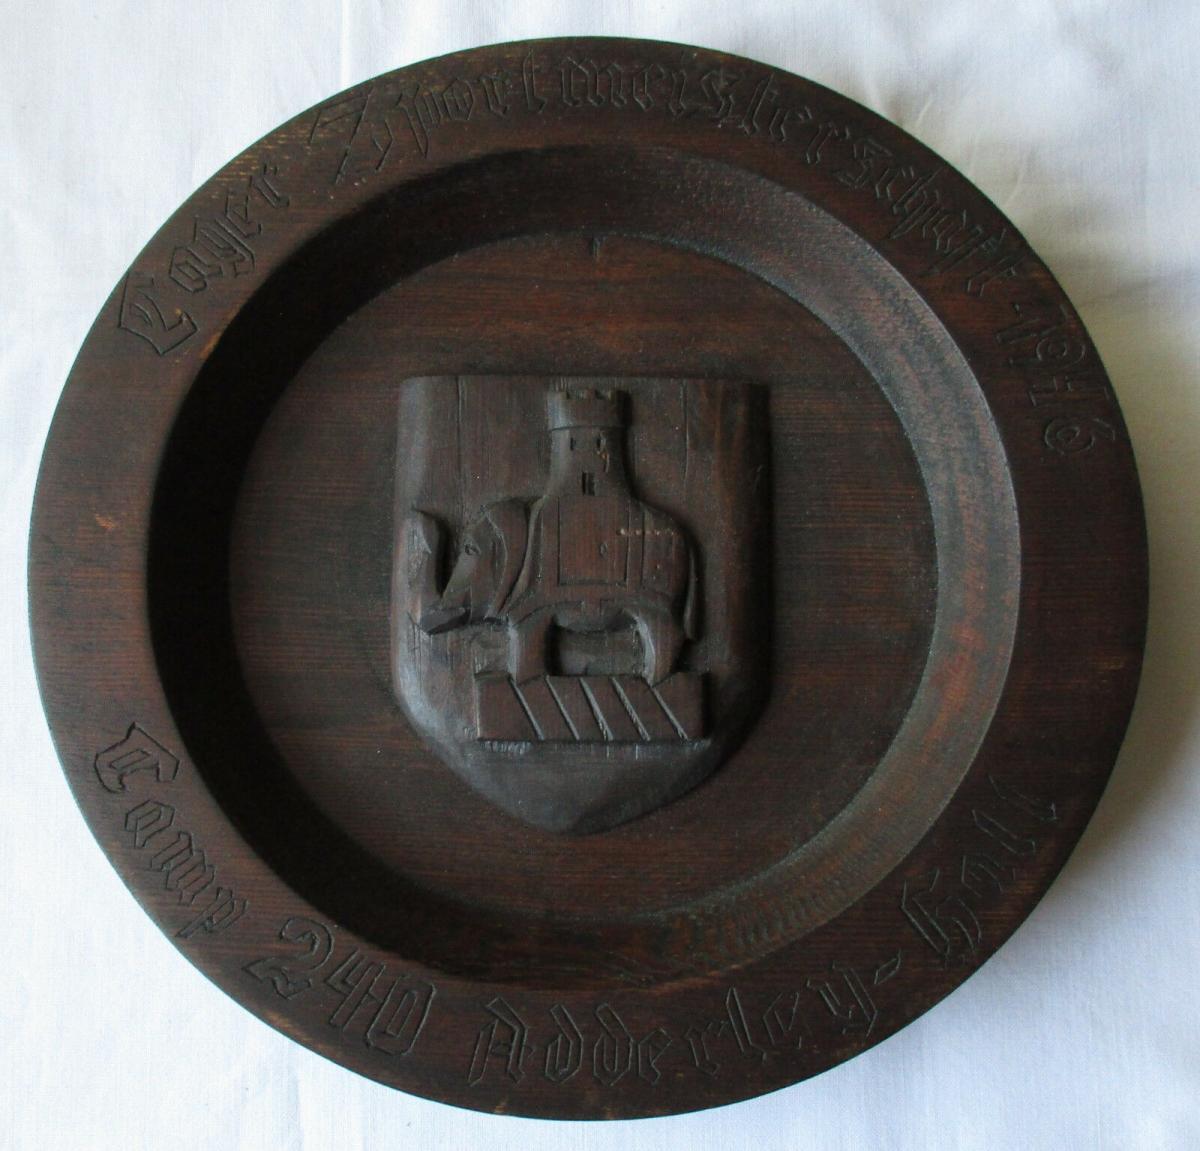 Teller Kriegsgefangenen Camp 240 Adderey Hall Lager Meisterschaft 1946 (103938) 0